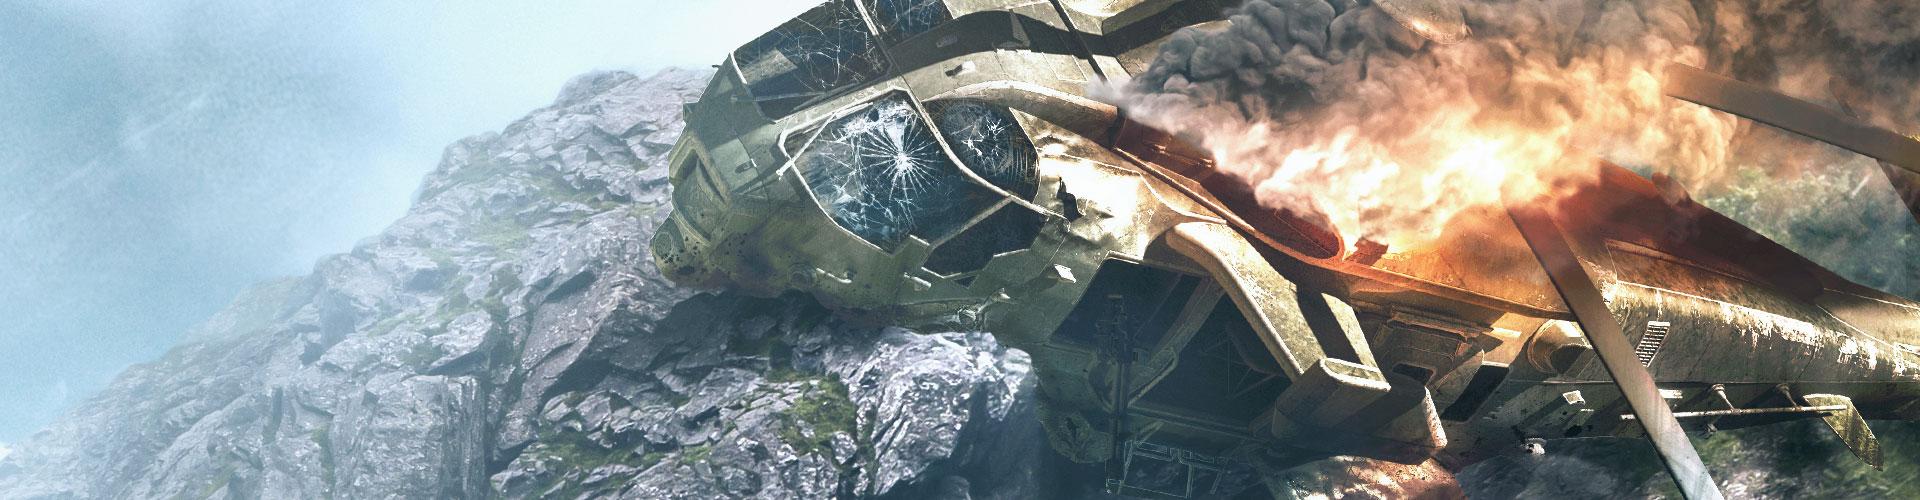 在山区失事直升机的背景